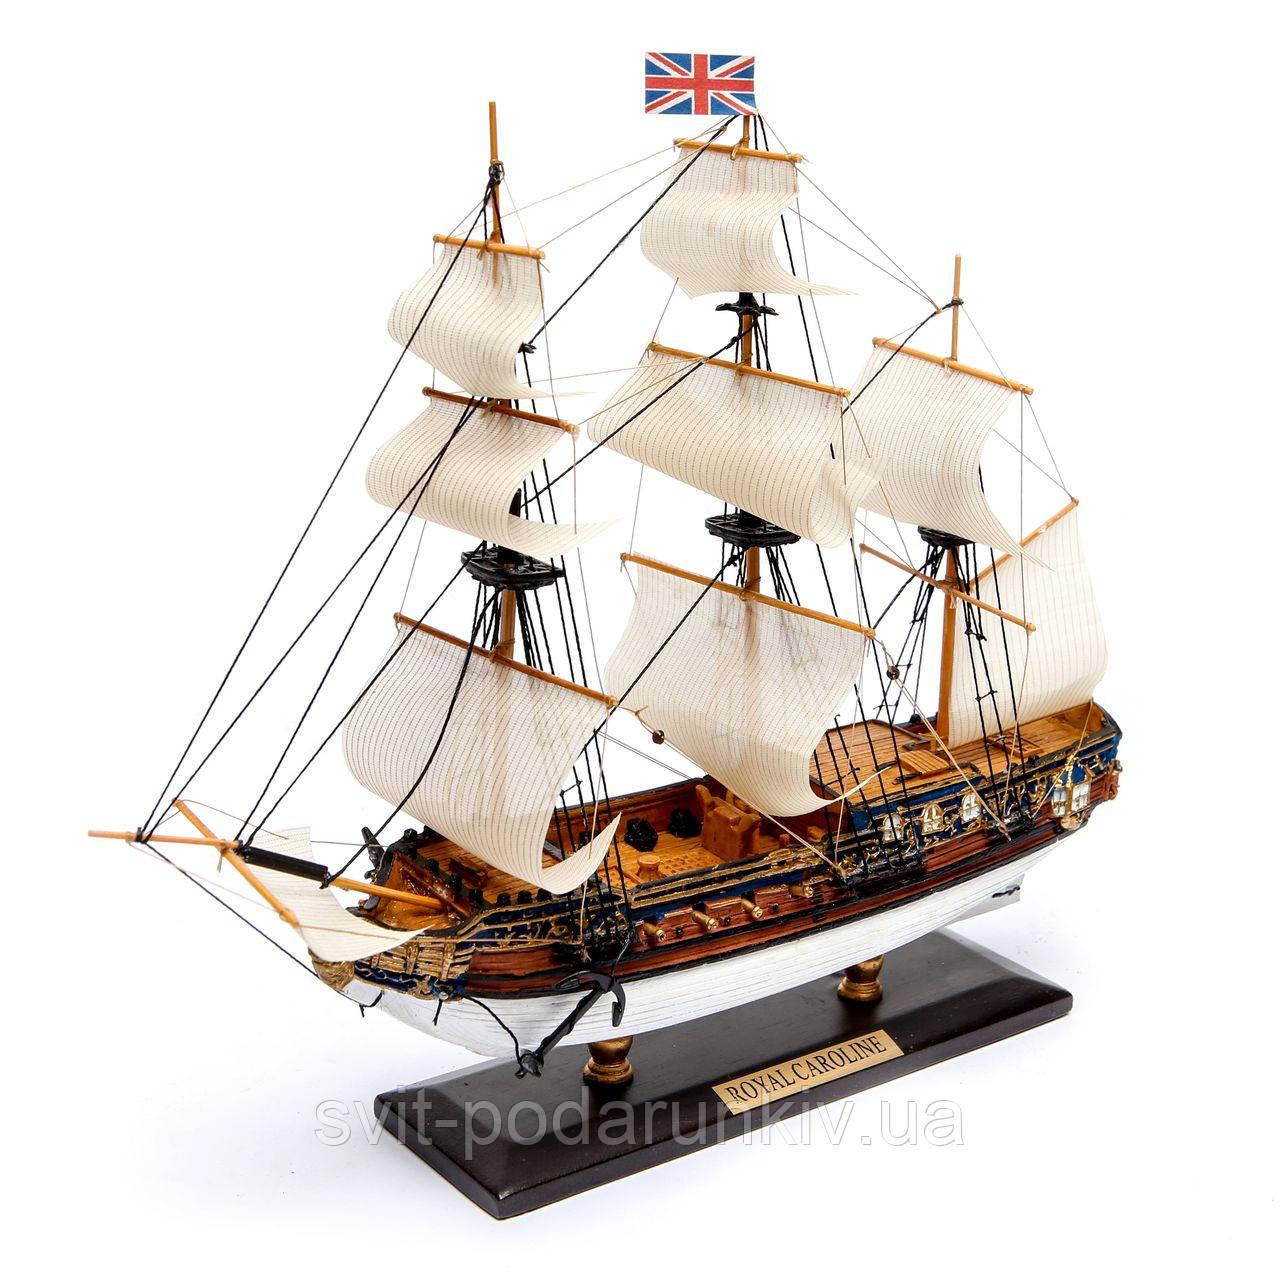 Модель парусного корабля Royal Caroline 30 см С03S3